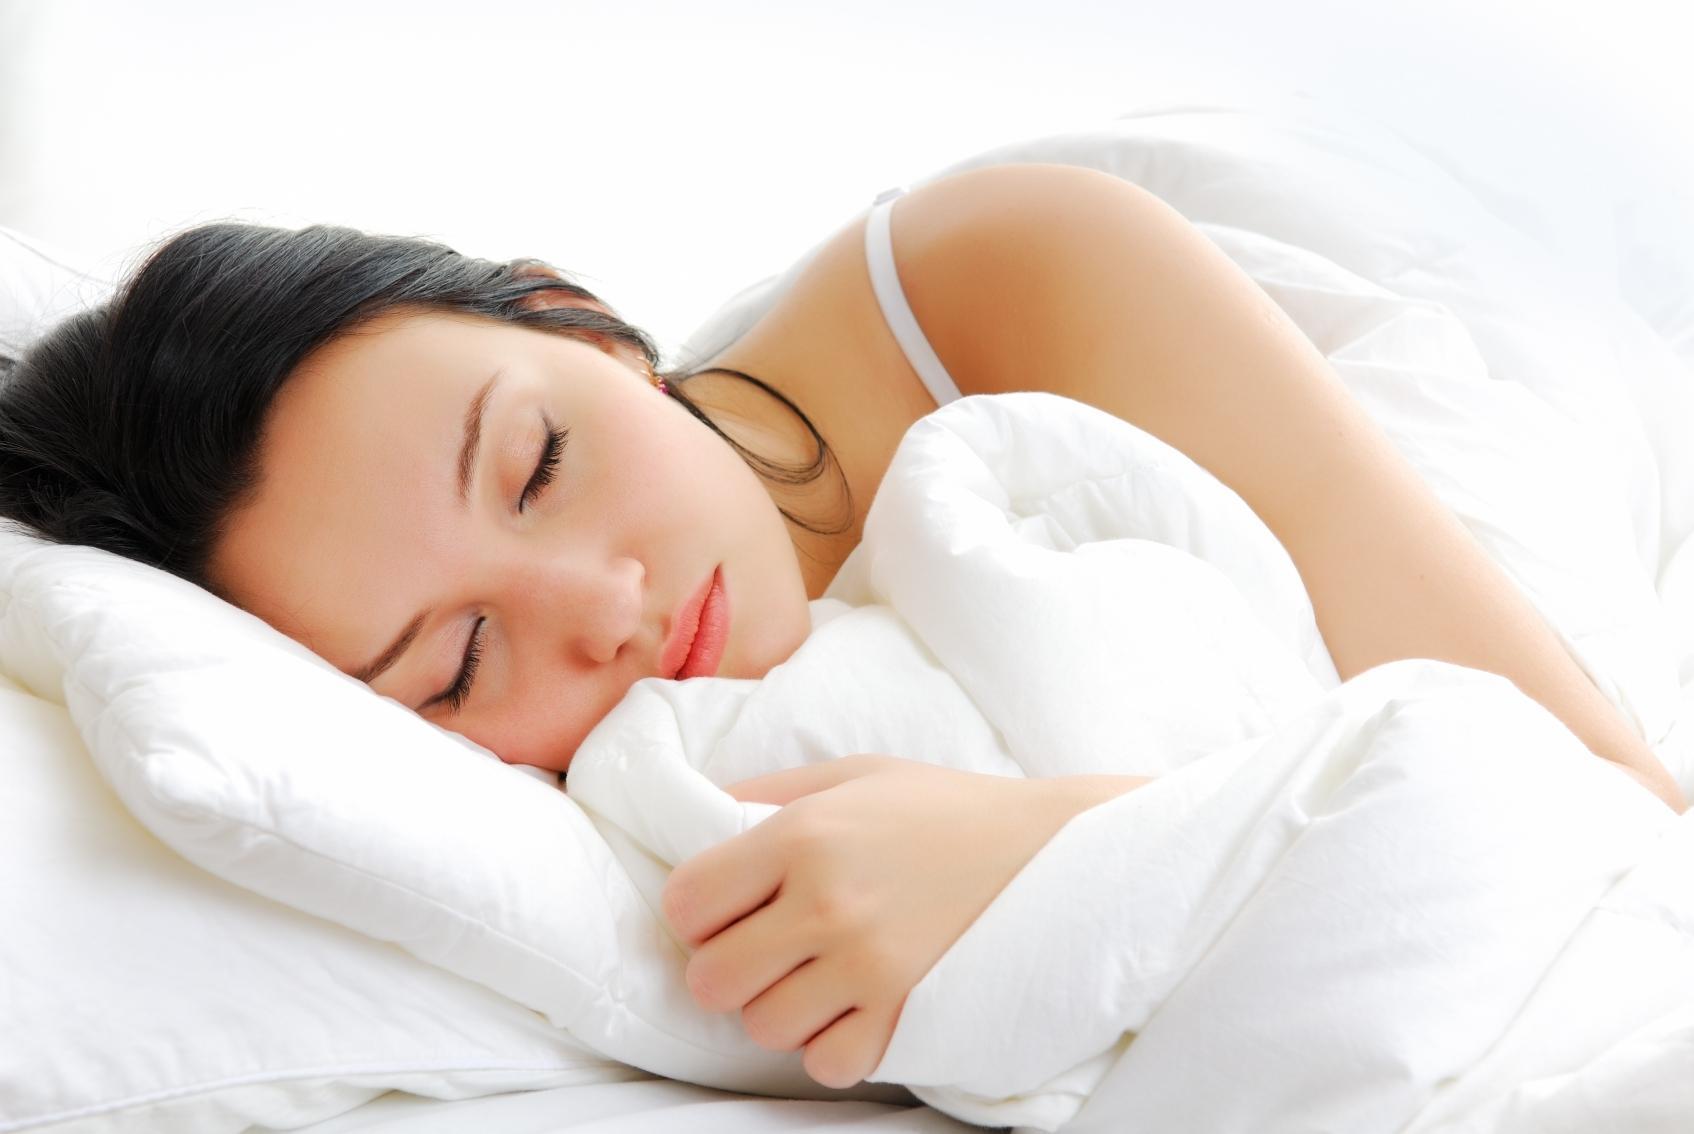 Đi ngủ sớm là thói quen tốt cho sức khỏe của phụ nữ